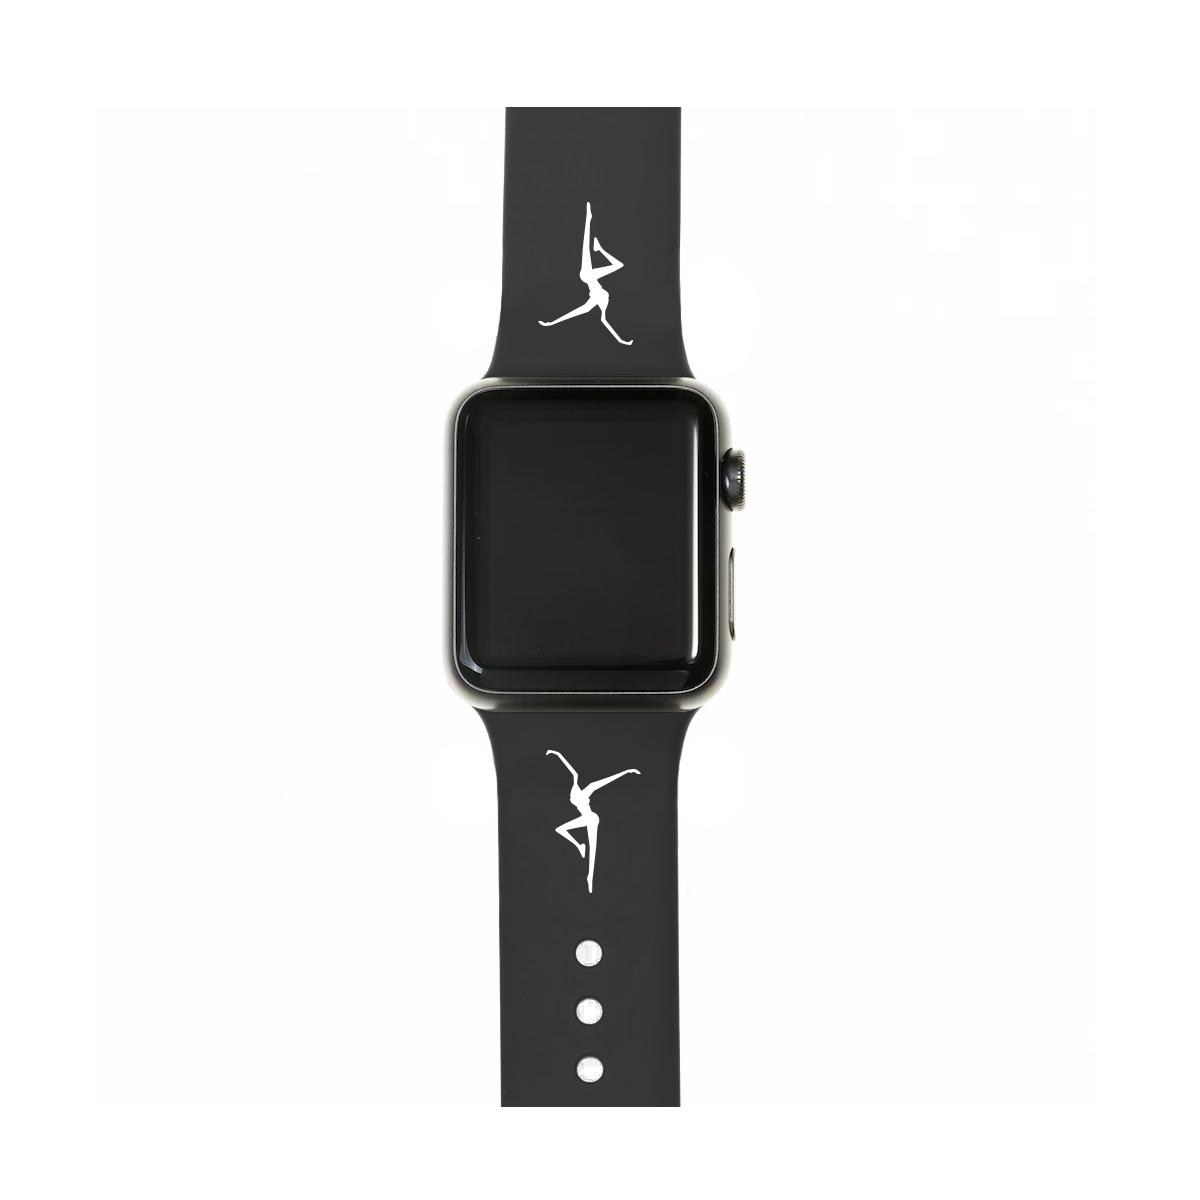 Firedancer Apple Watch Wristbands - Black